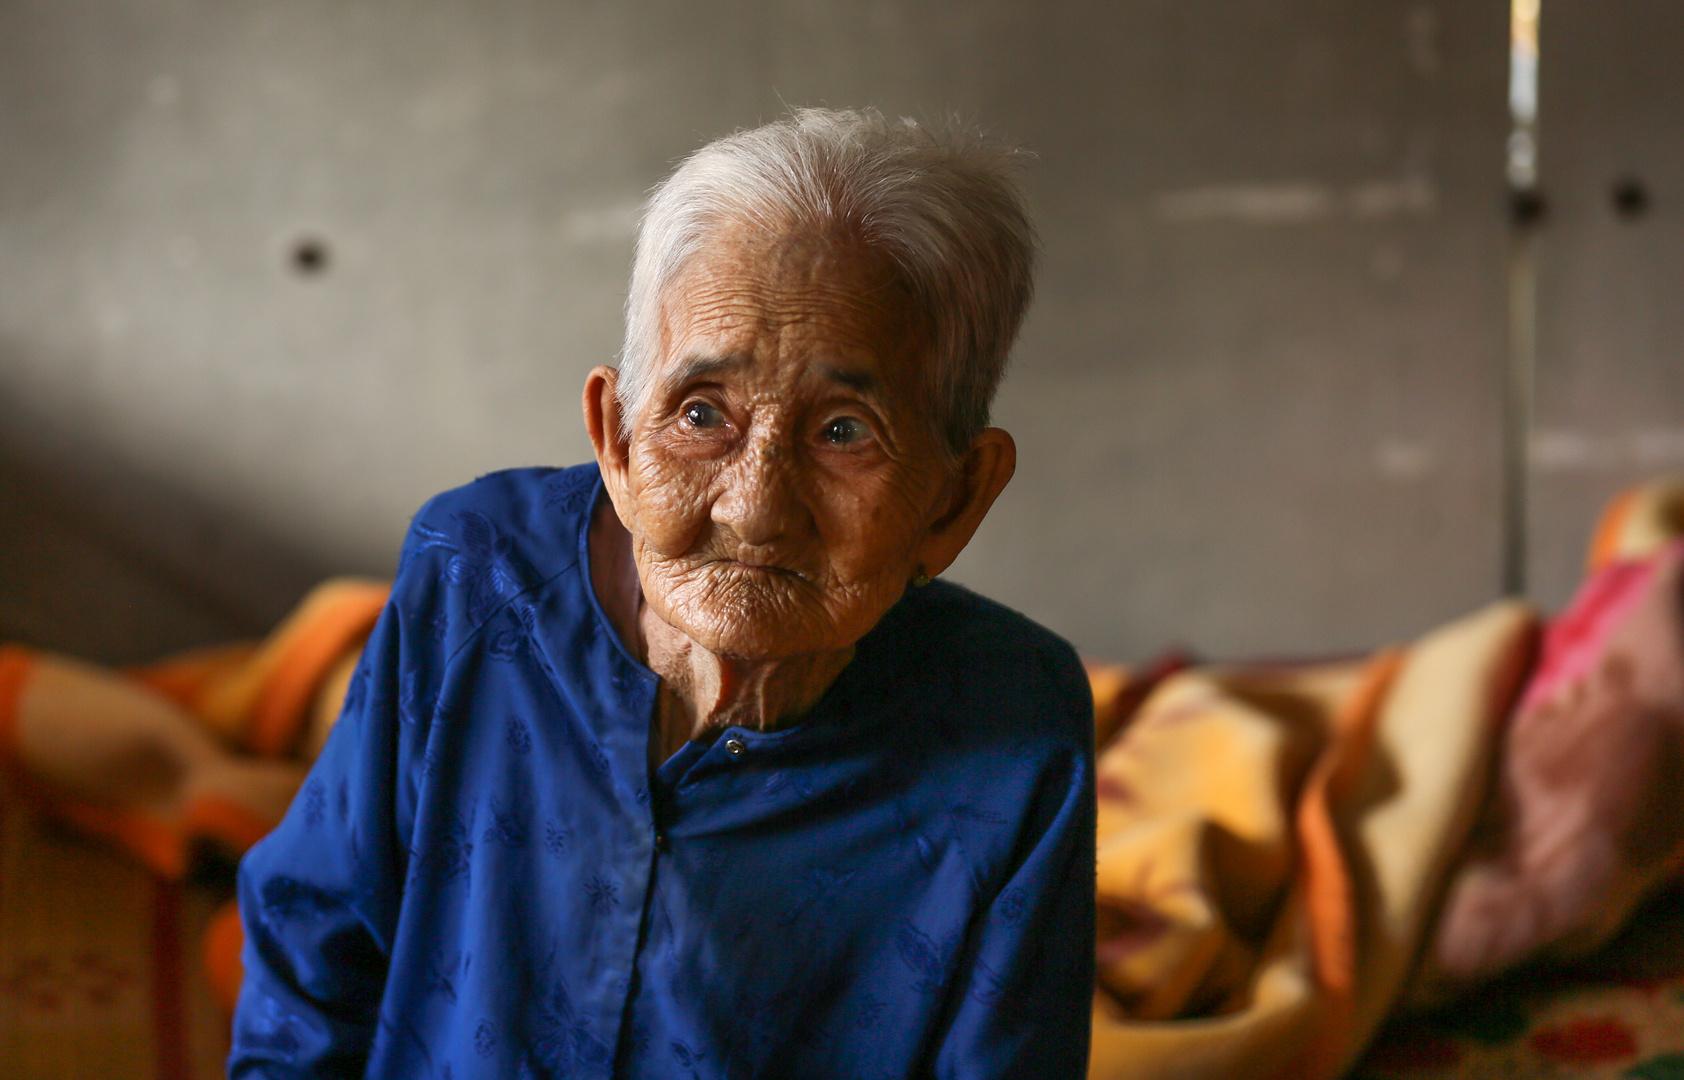 Mekong, Seniorchefin